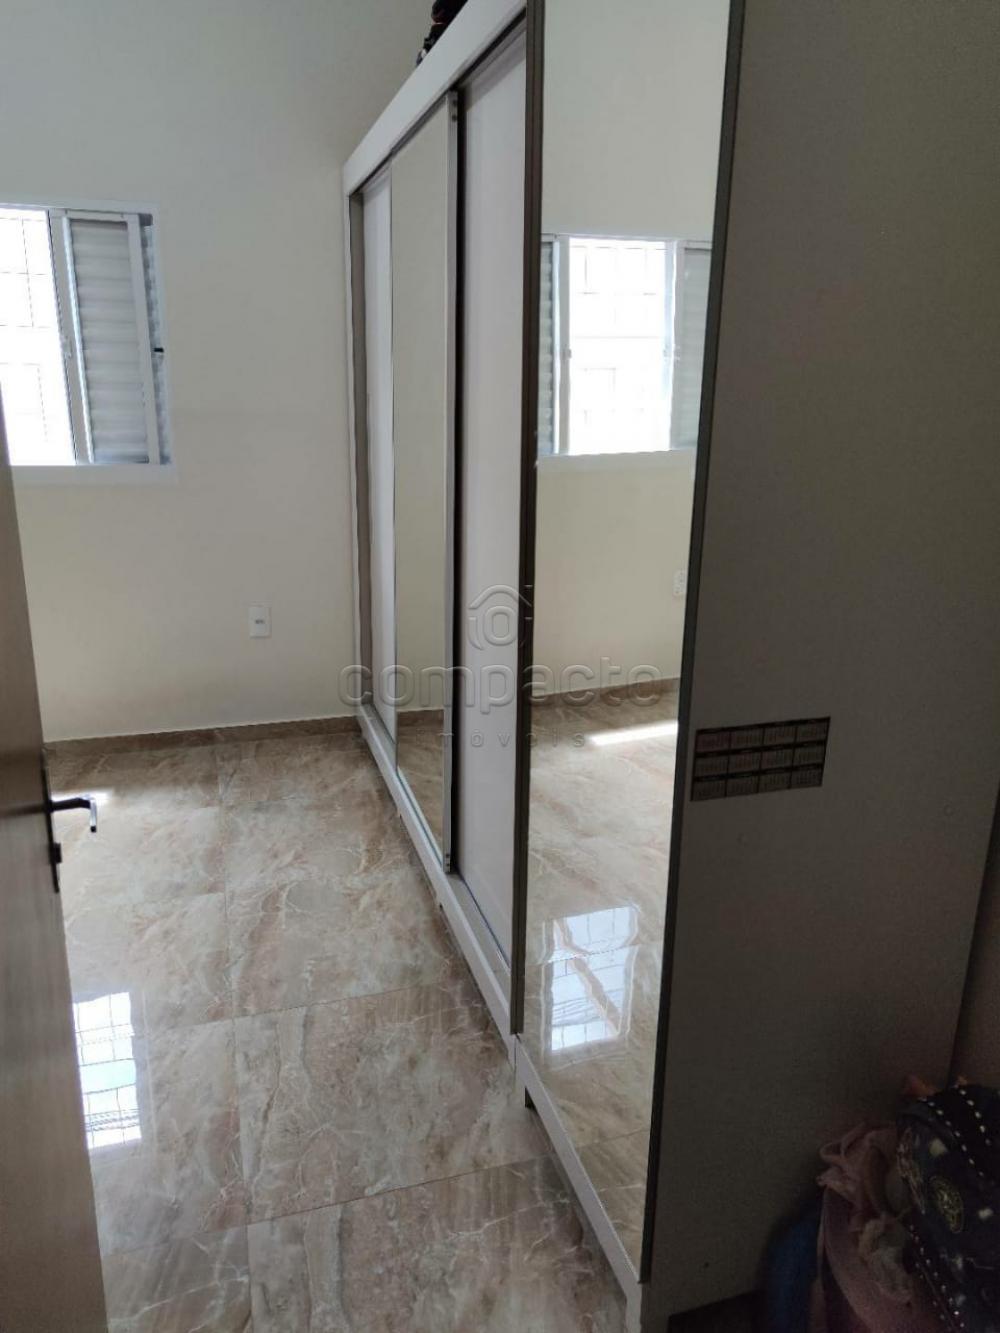 Comprar Casa / Padrão em Mirassol apenas R$ 350.000,00 - Foto 8